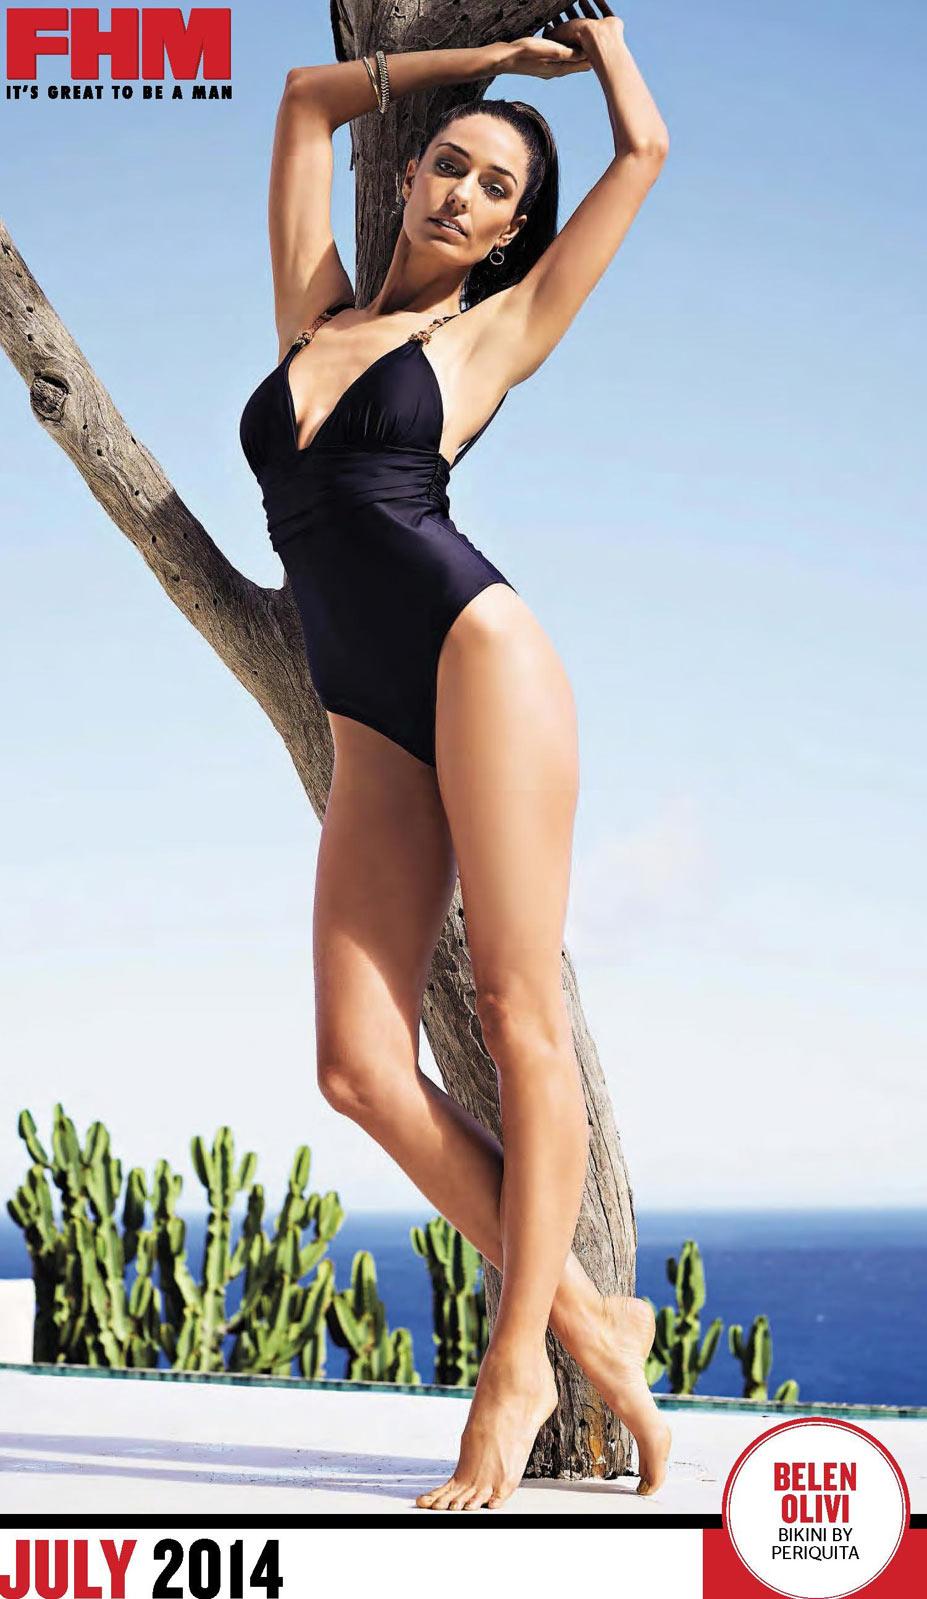 Сексуальные девушки в календаре журнала FHM South Africa 2014 - Belen Olivi